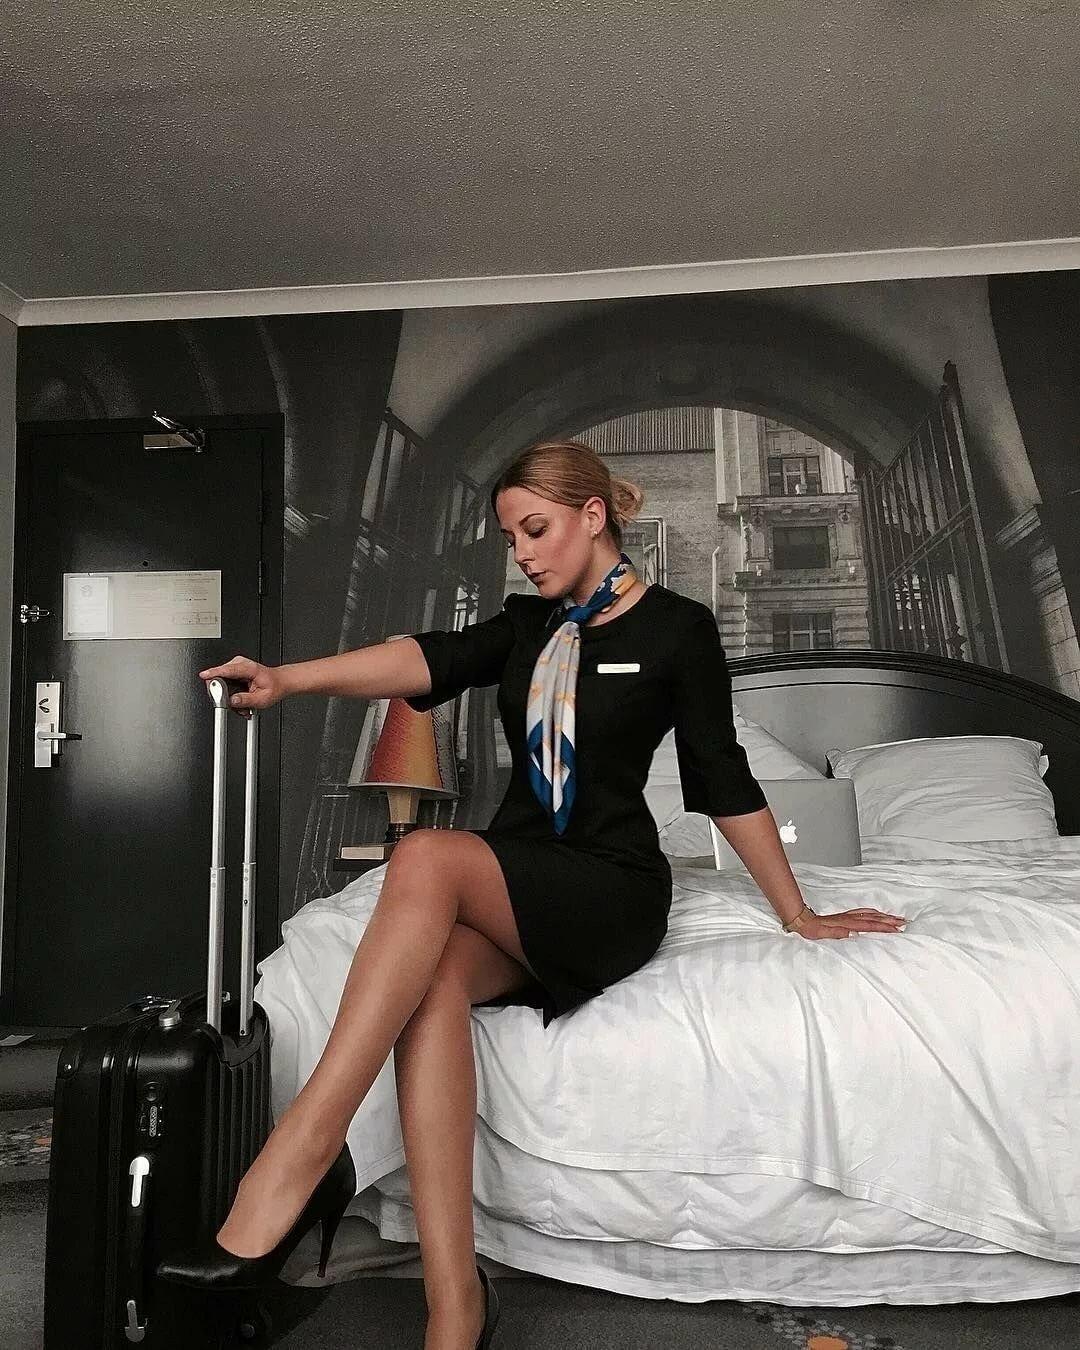 Знакомства сексуальные стюардессы обслуживают пассажиров фото зрелую